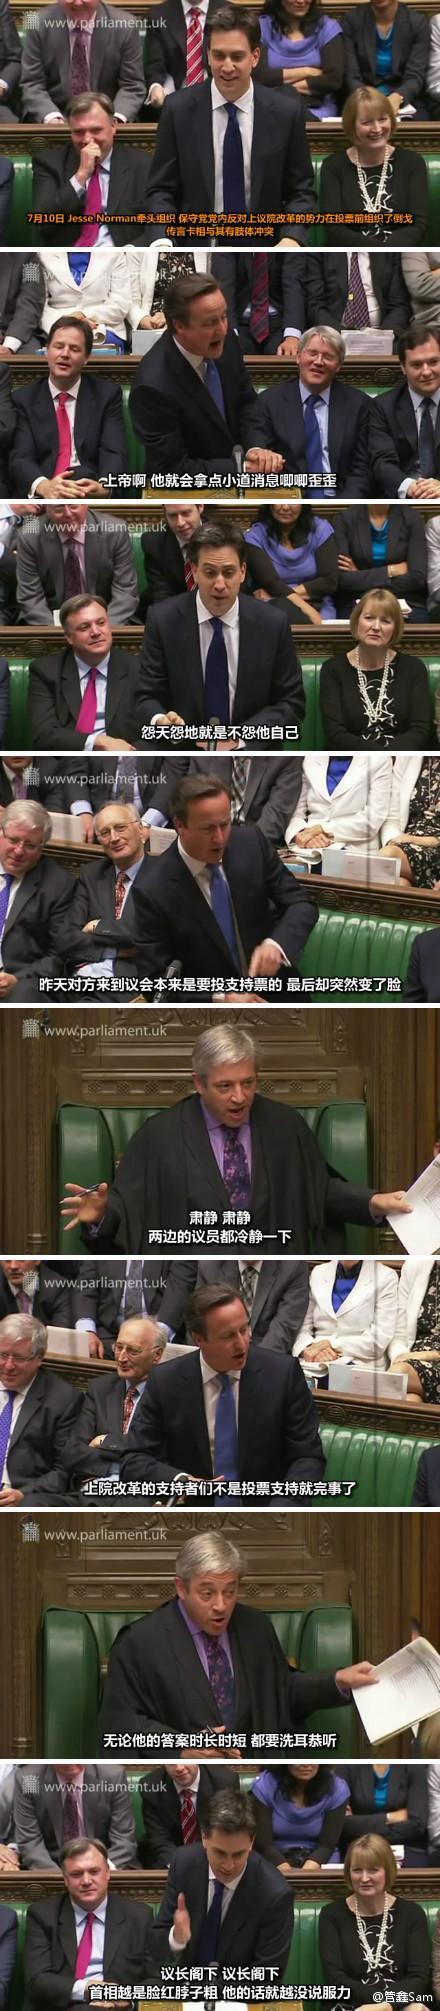 英国下议院首相问答 2012.7.11【卡相苦陷丑闻沼泽区,小米乐献爱心落井石】